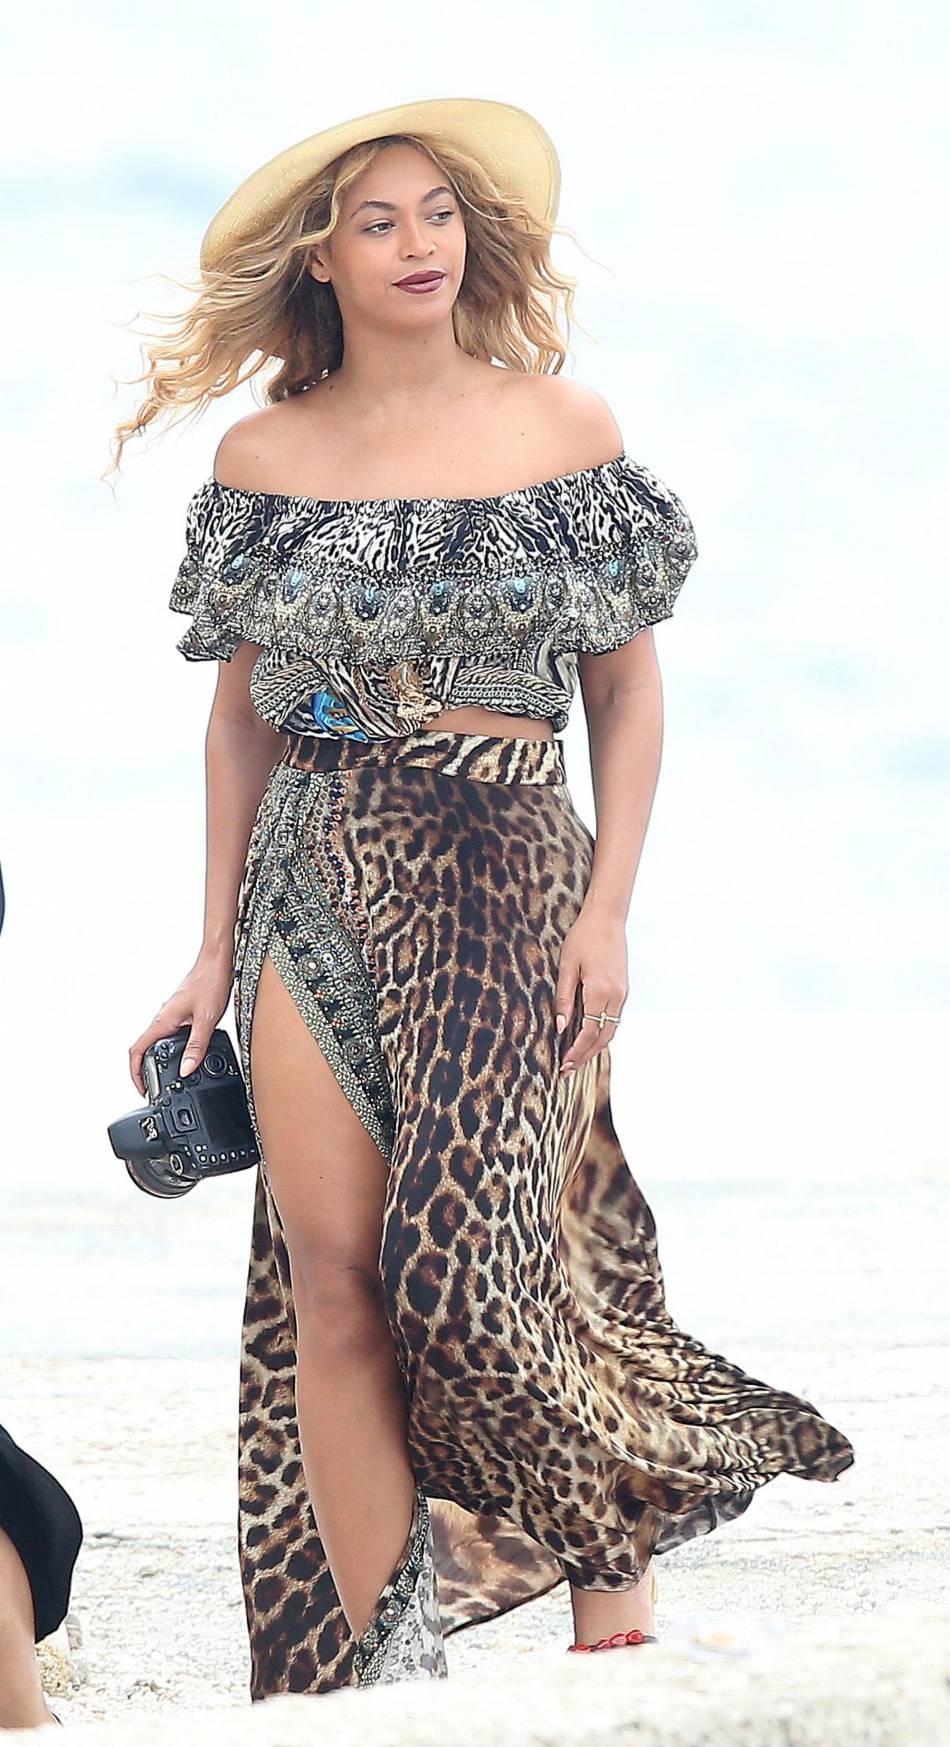 La mère de la diva, Tina Knowles, a créé de nombreux costumes et robes pour sa fille : c'est aussi elle qui faisait les costumes du groupe Destiny's Child.